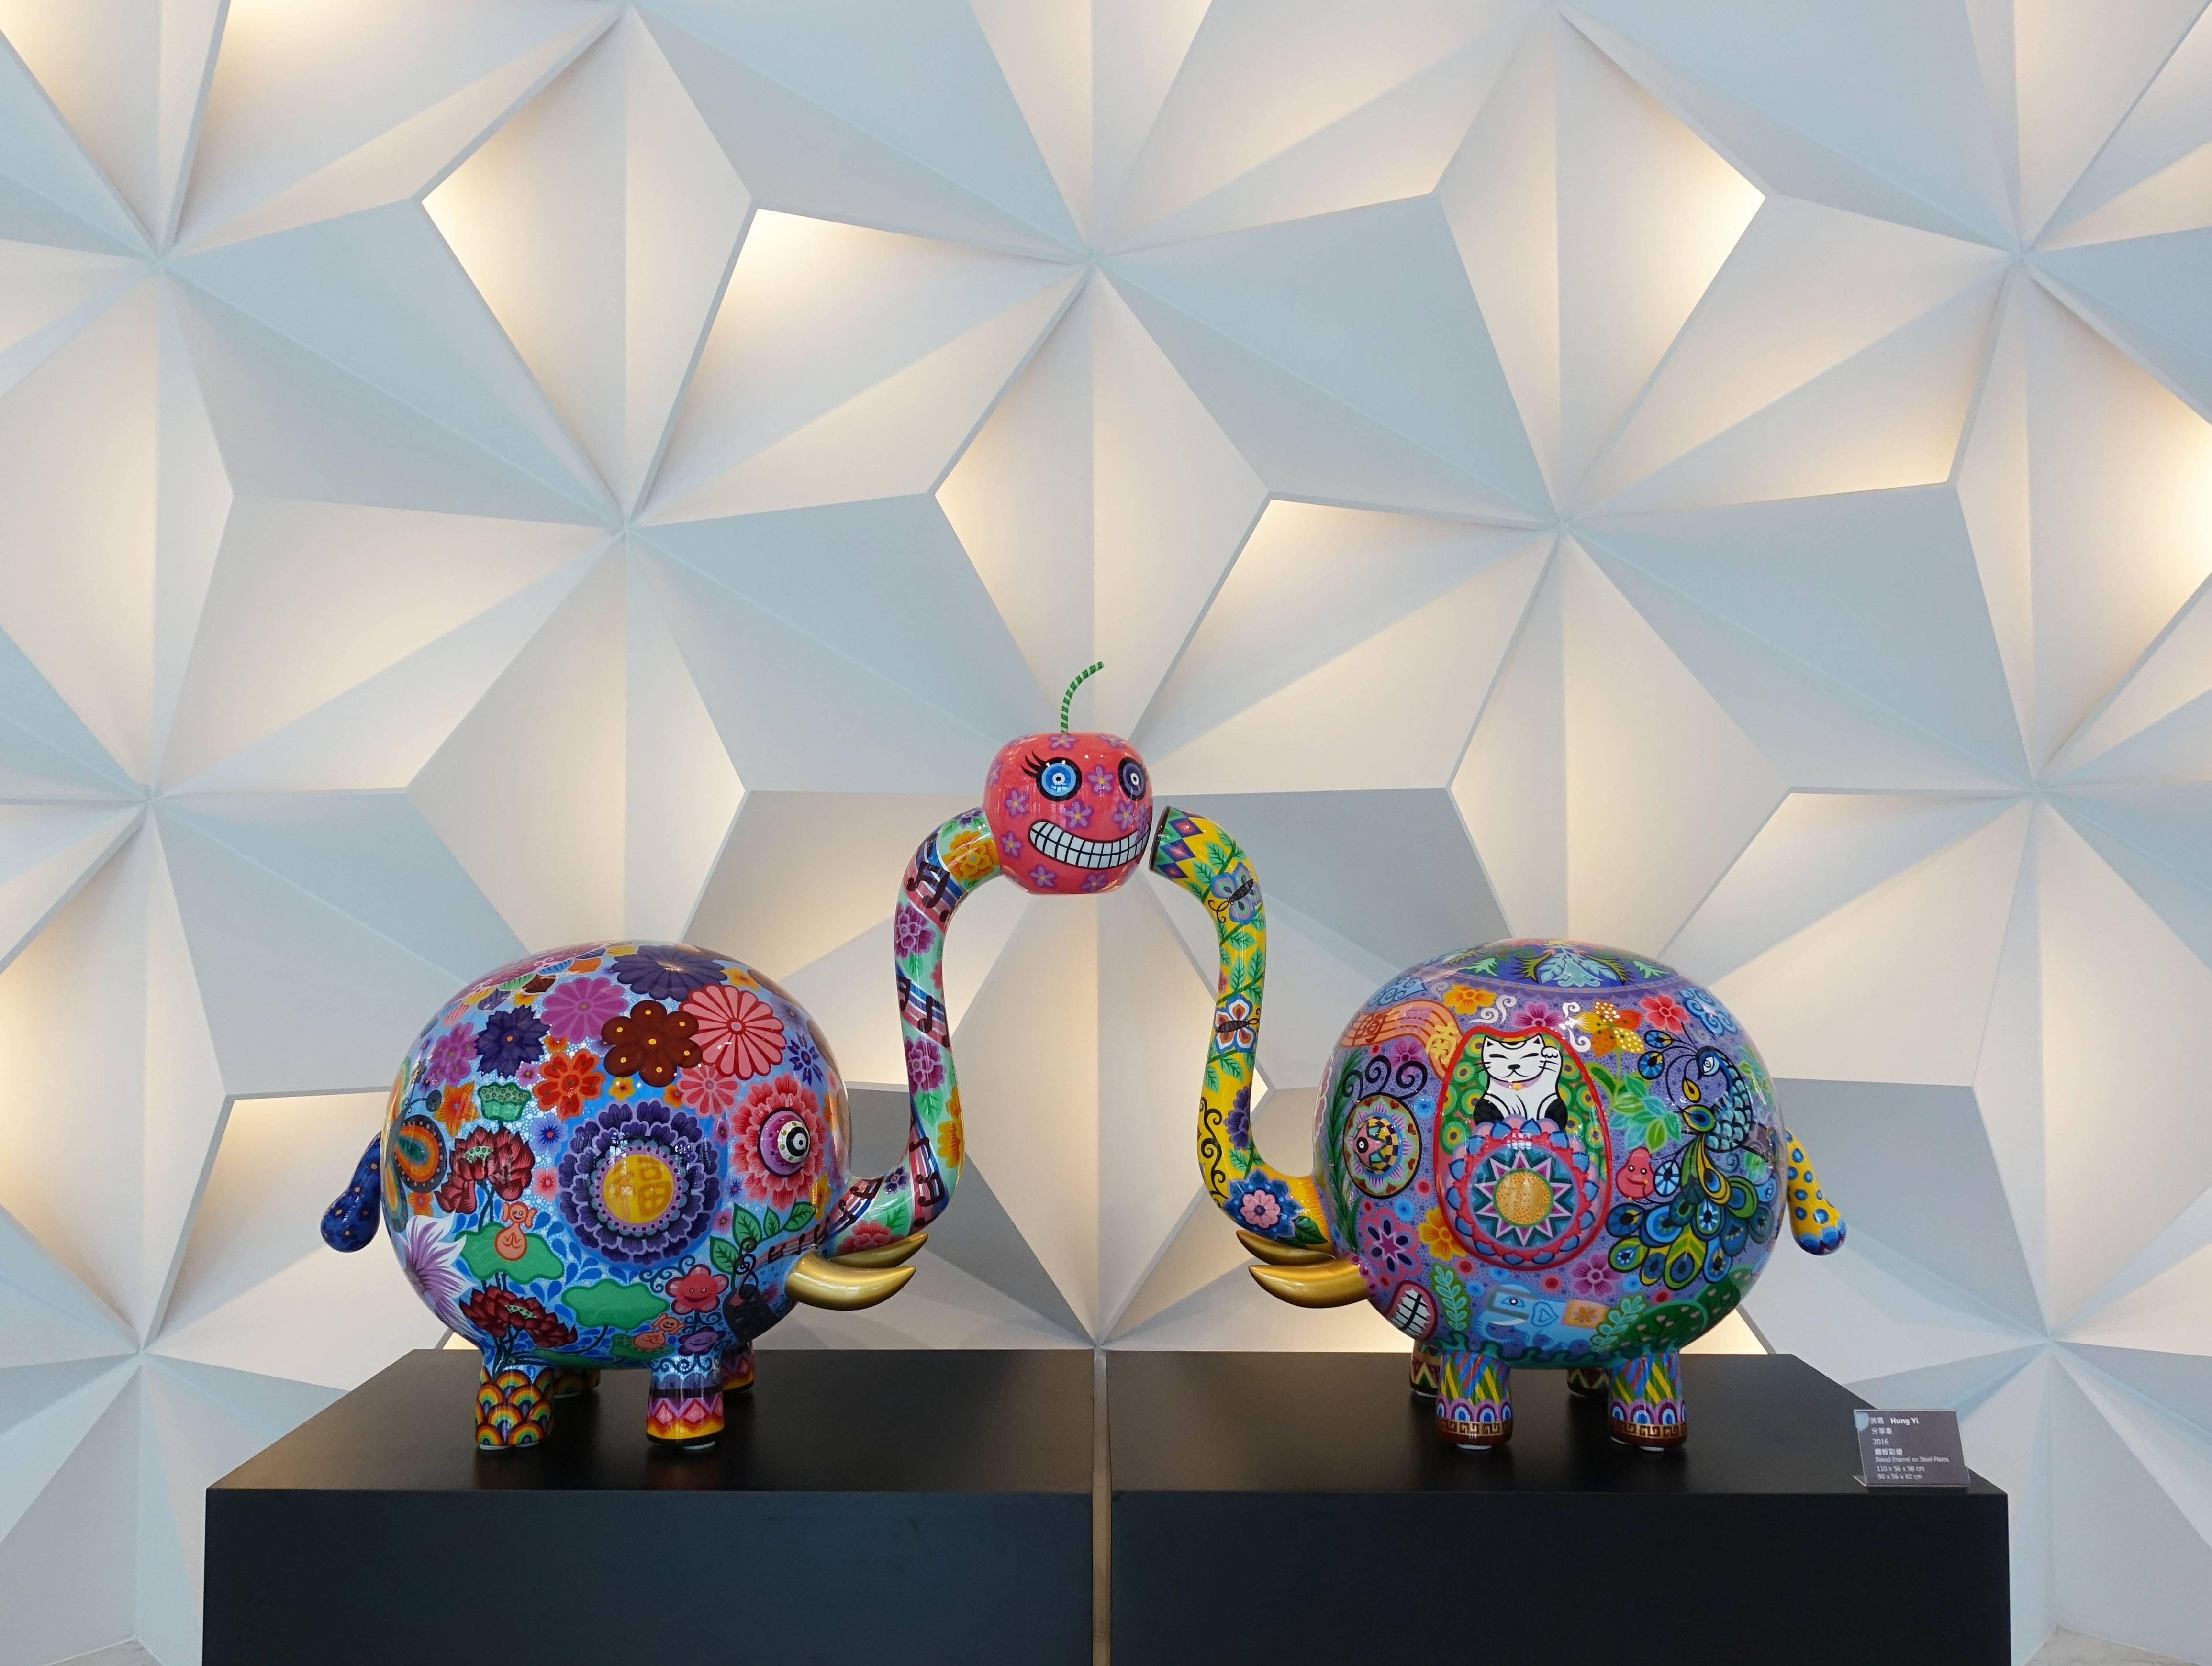 洪易,《分享象》,110x56x98cm、90x56x82cm,鋼板彩繪,2016。